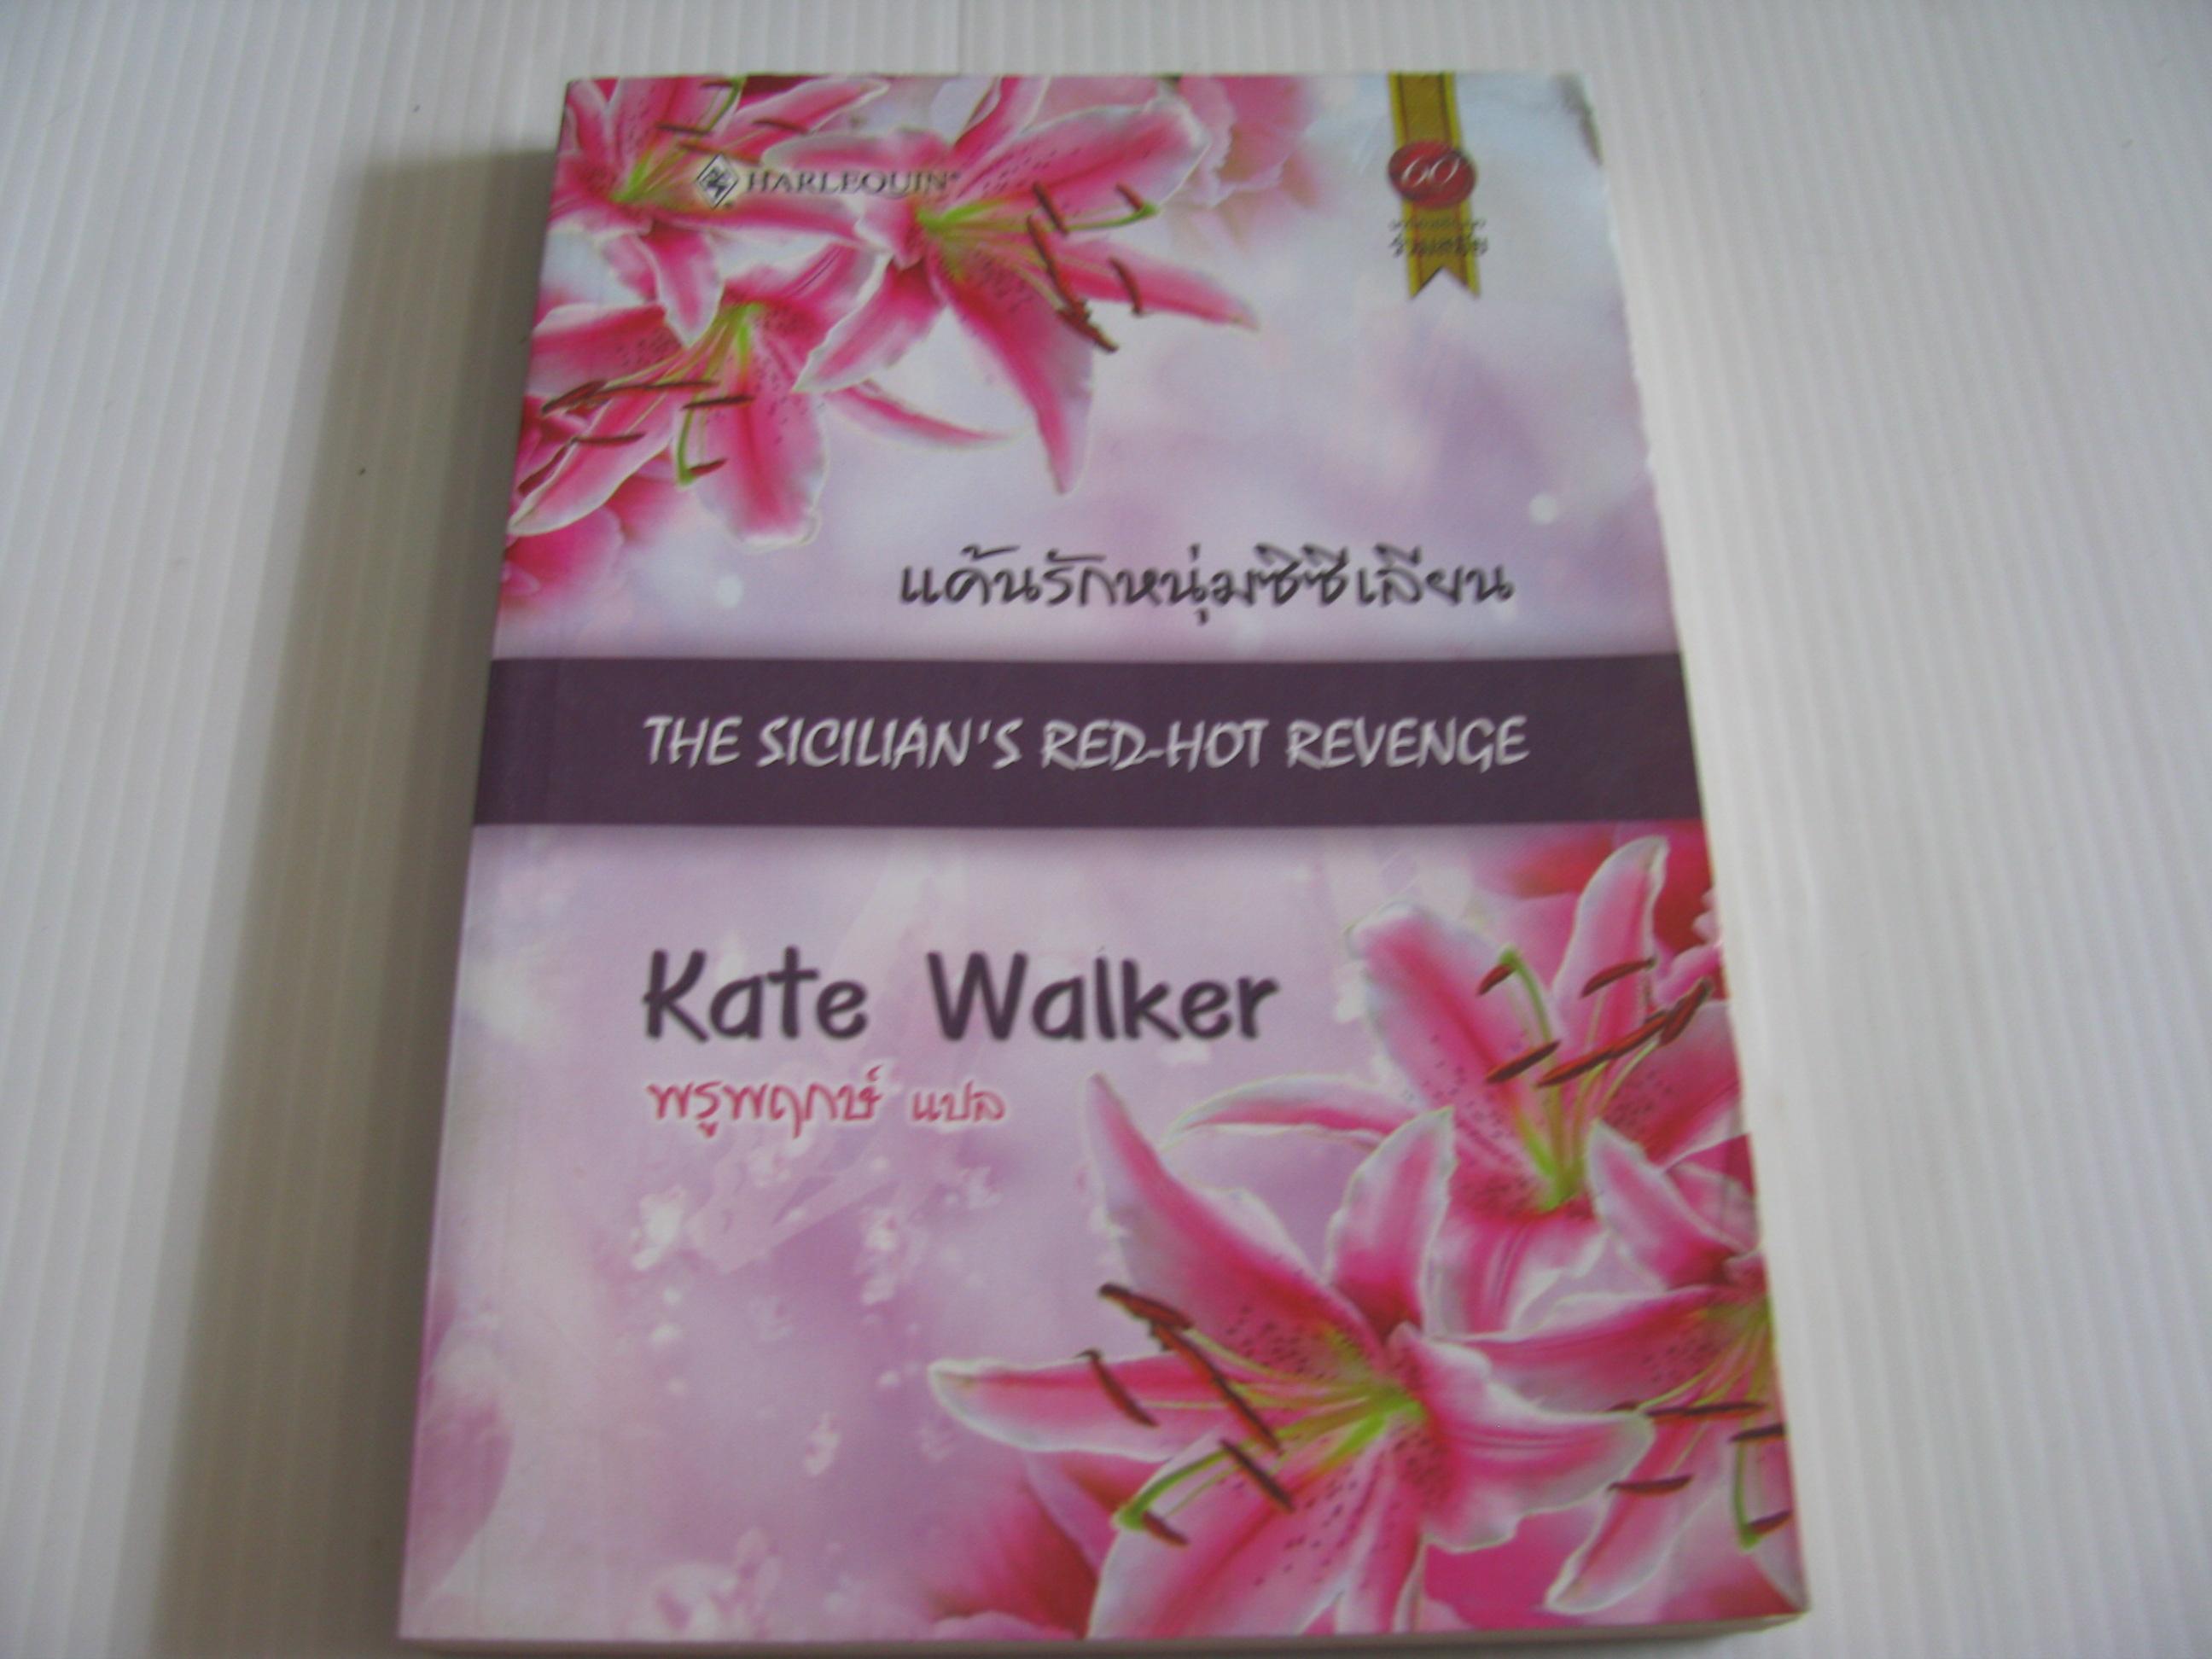 แค้นรักหนุ่มซิซิเลียน (The Sicilian's red-hot revenge) Kate Walker เขียน พรูพฤกษ์ แปล